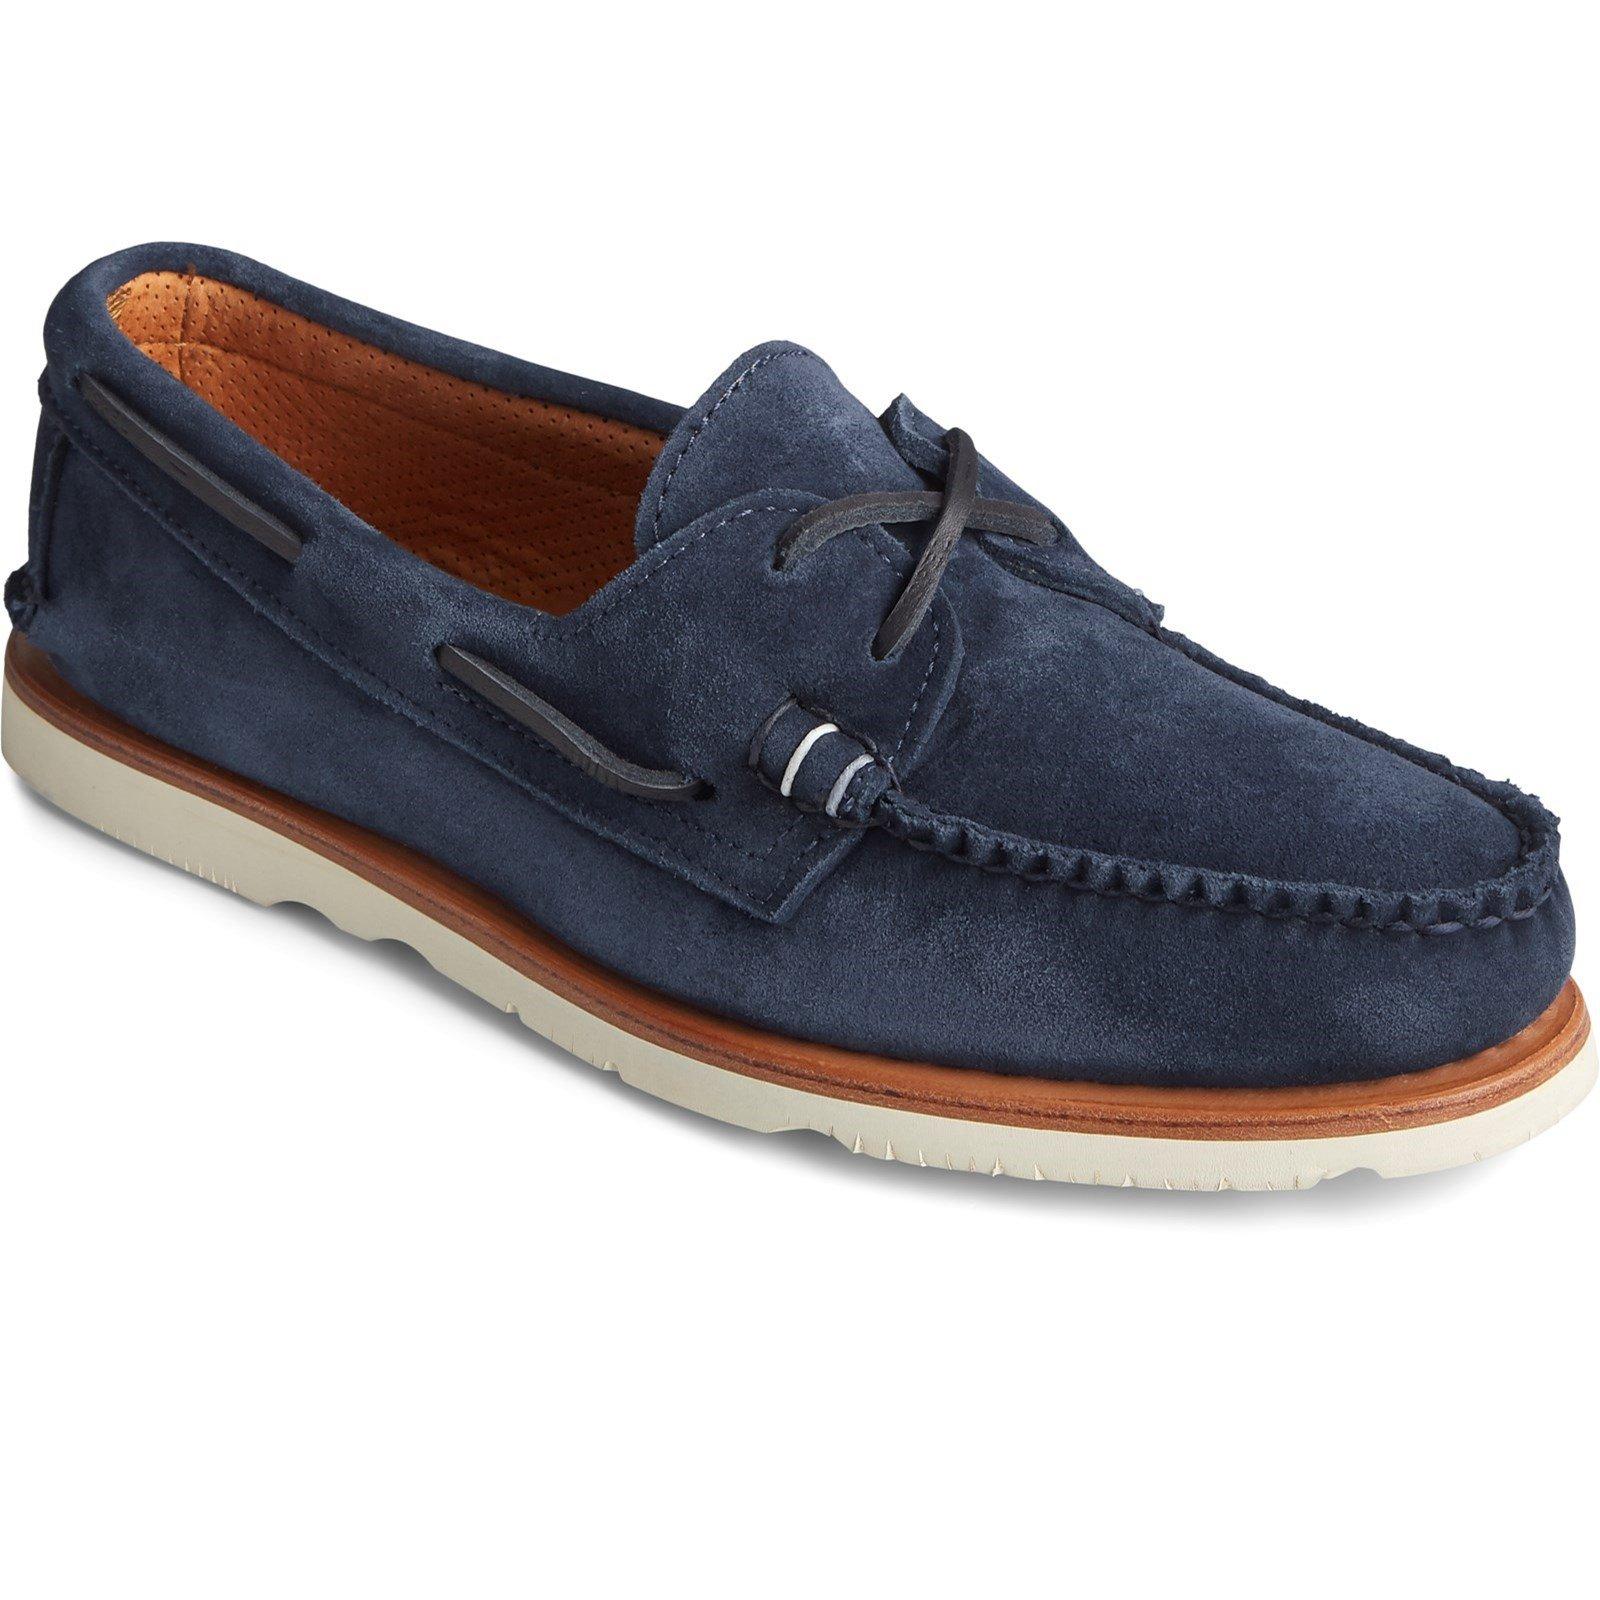 Sperry Men's Authentic Original Sunspel Boat Shoe Navy Suede 32073 - Navy Suede 7